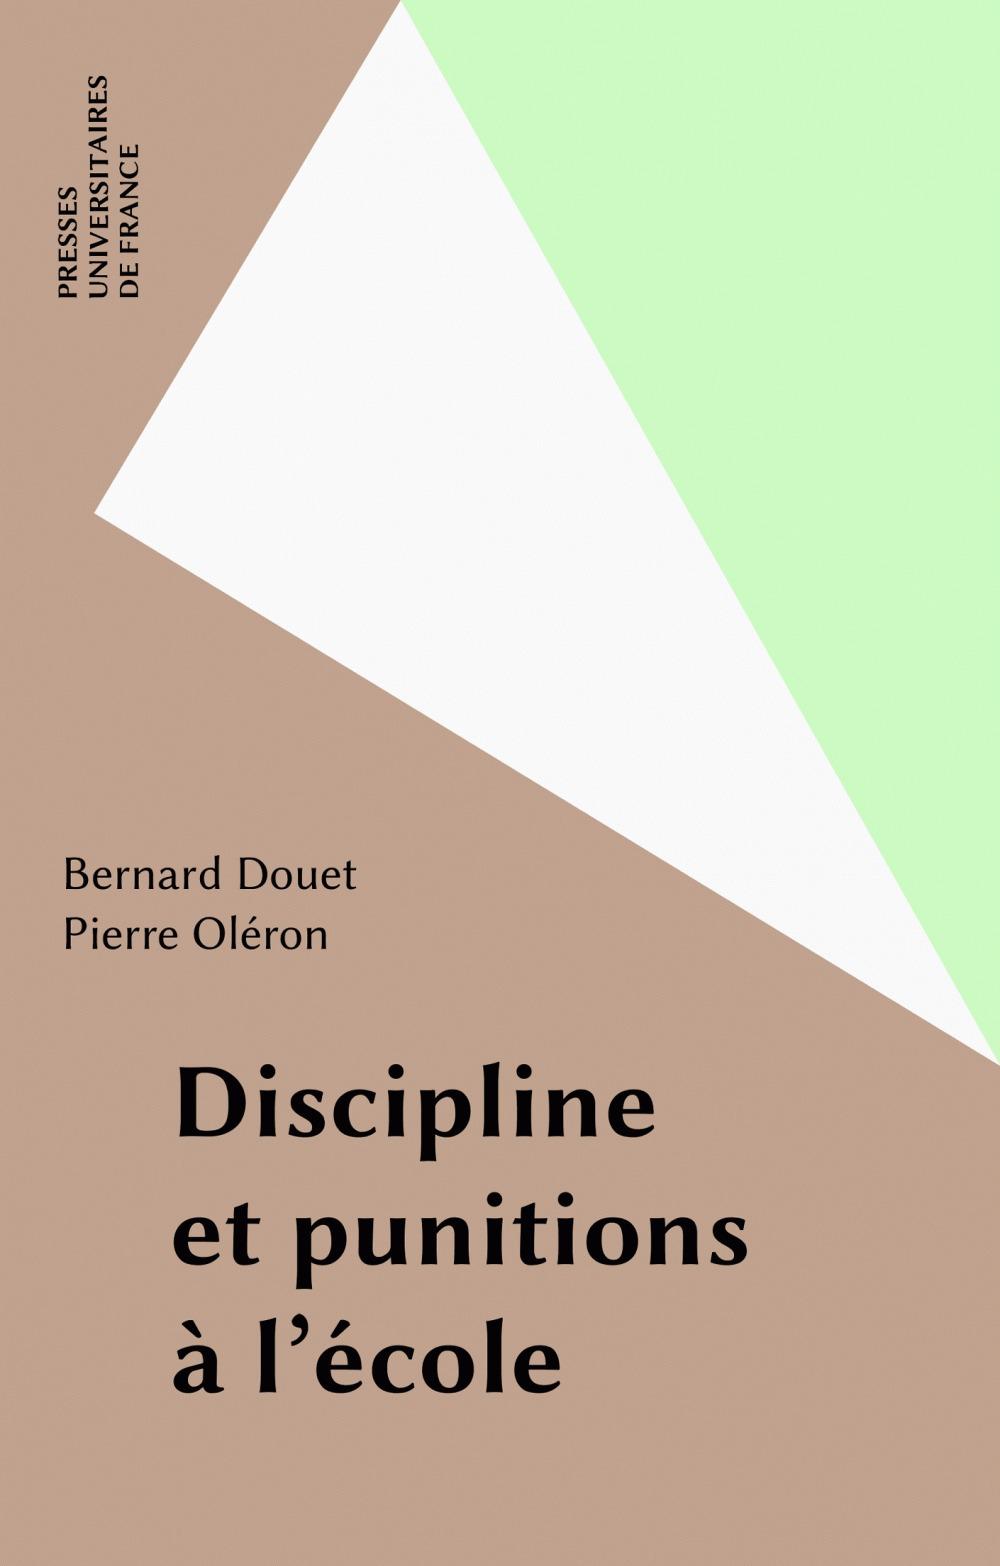 Bernard Douet Discipline et punitions à l'école